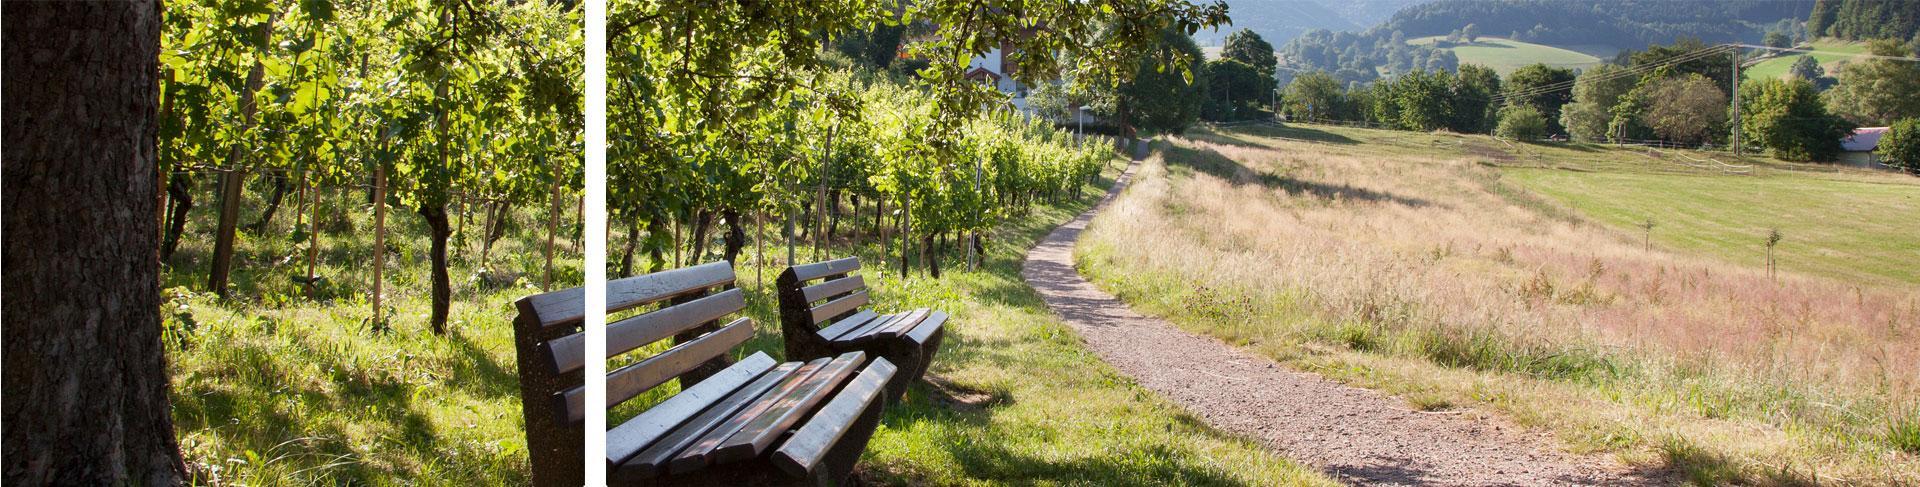 Genießen Sie das Glottertal bei einem Spaziergang entlang dem Winzerpfad